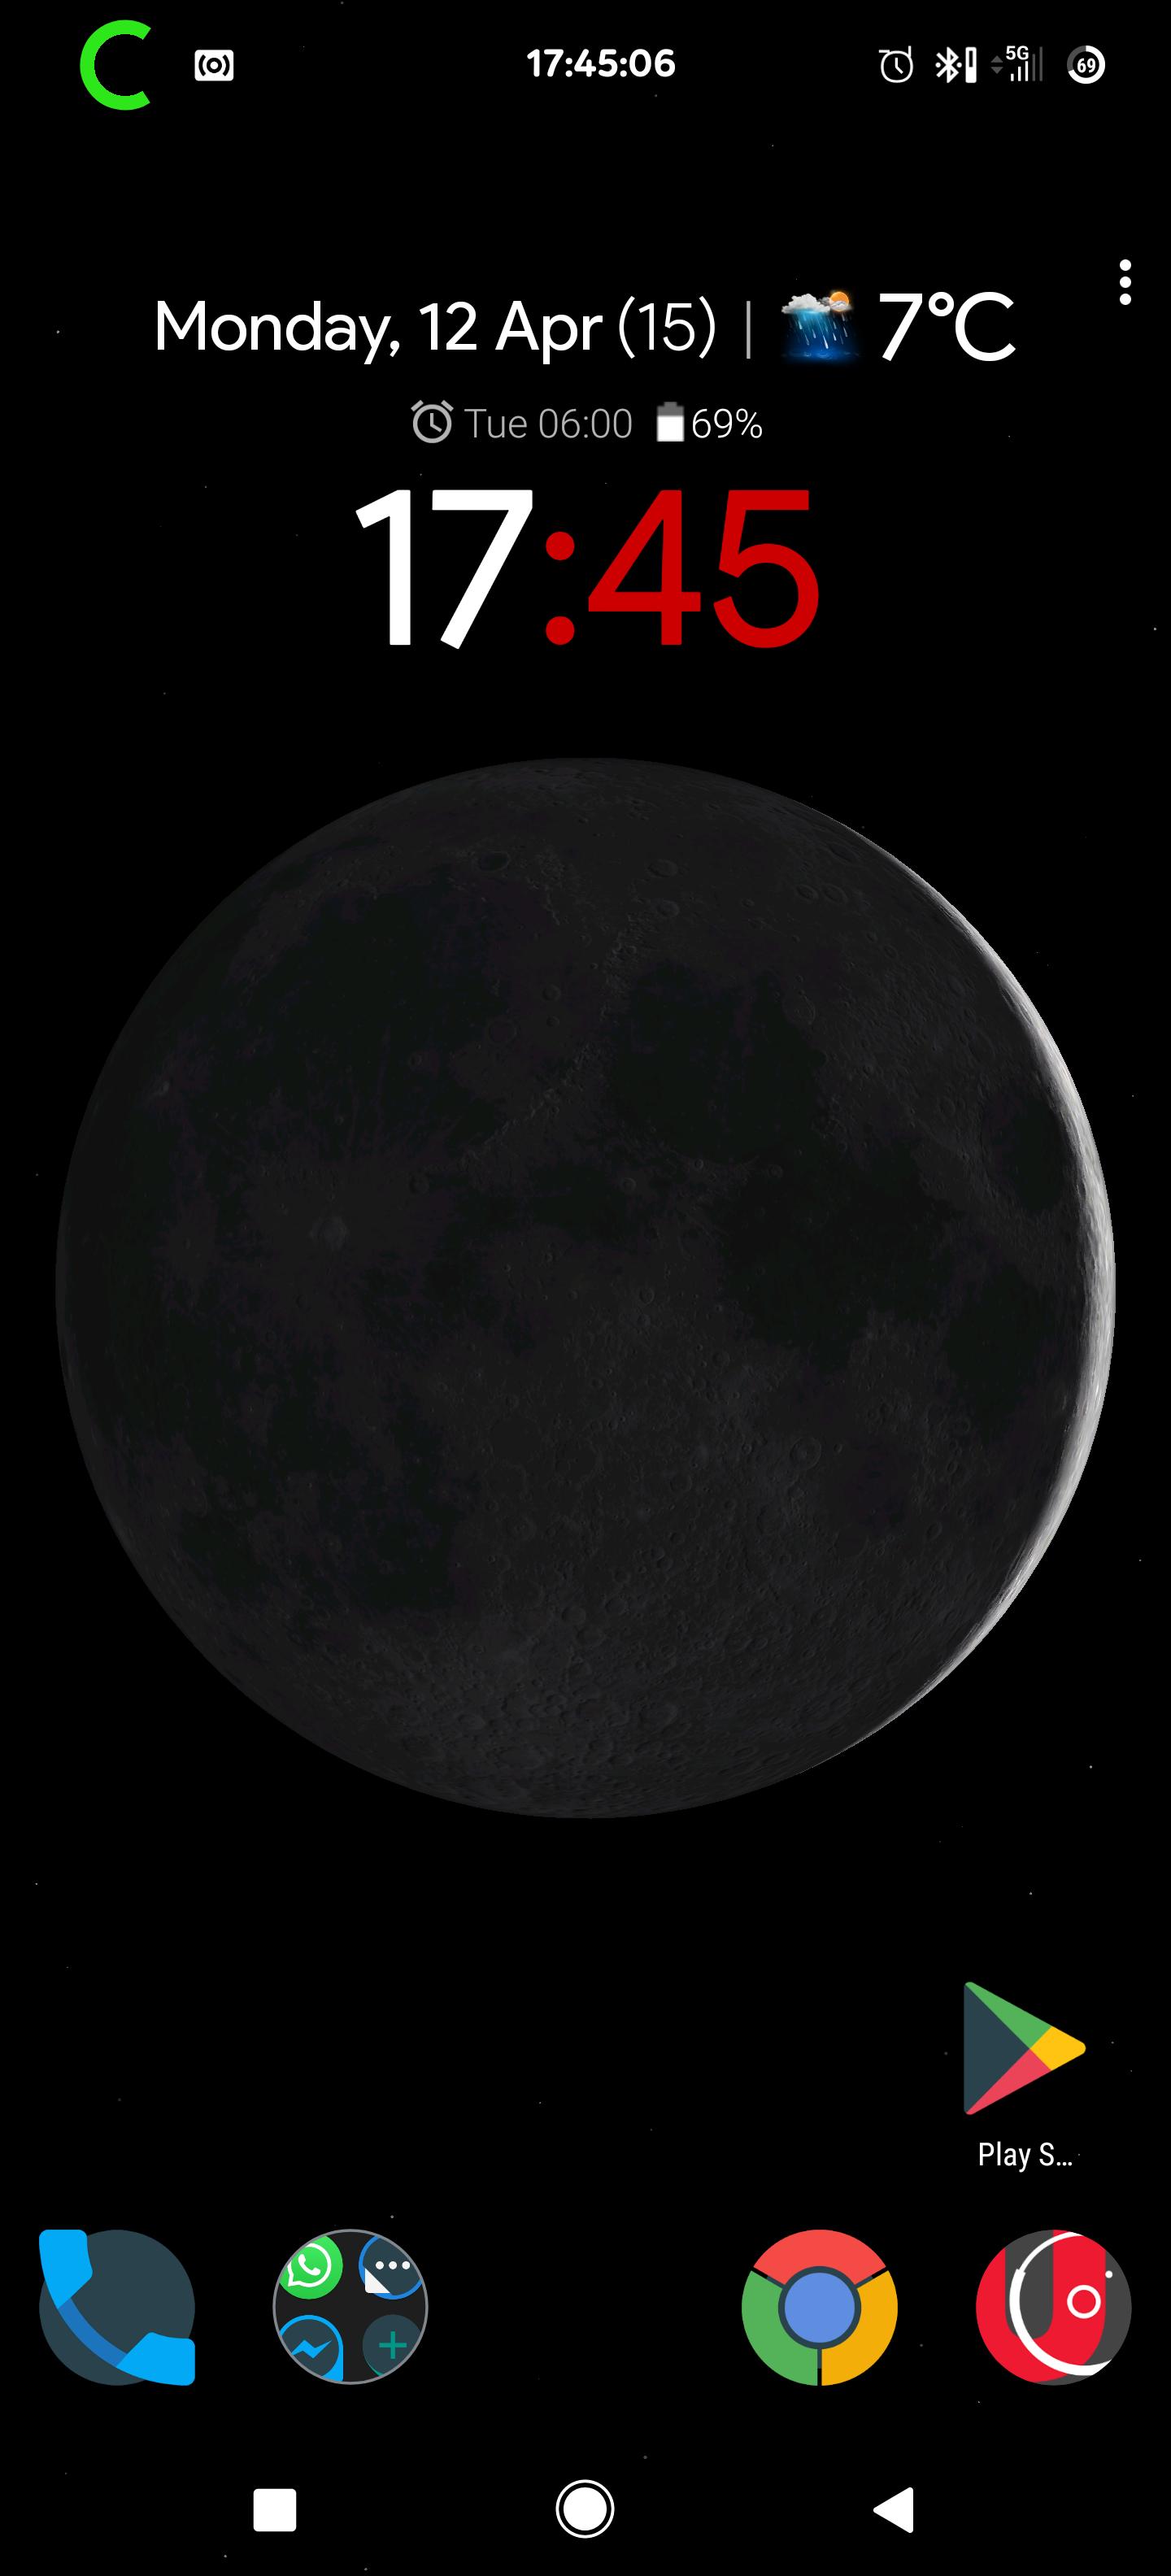 Screenshot_20210412-174506_Nova7.png